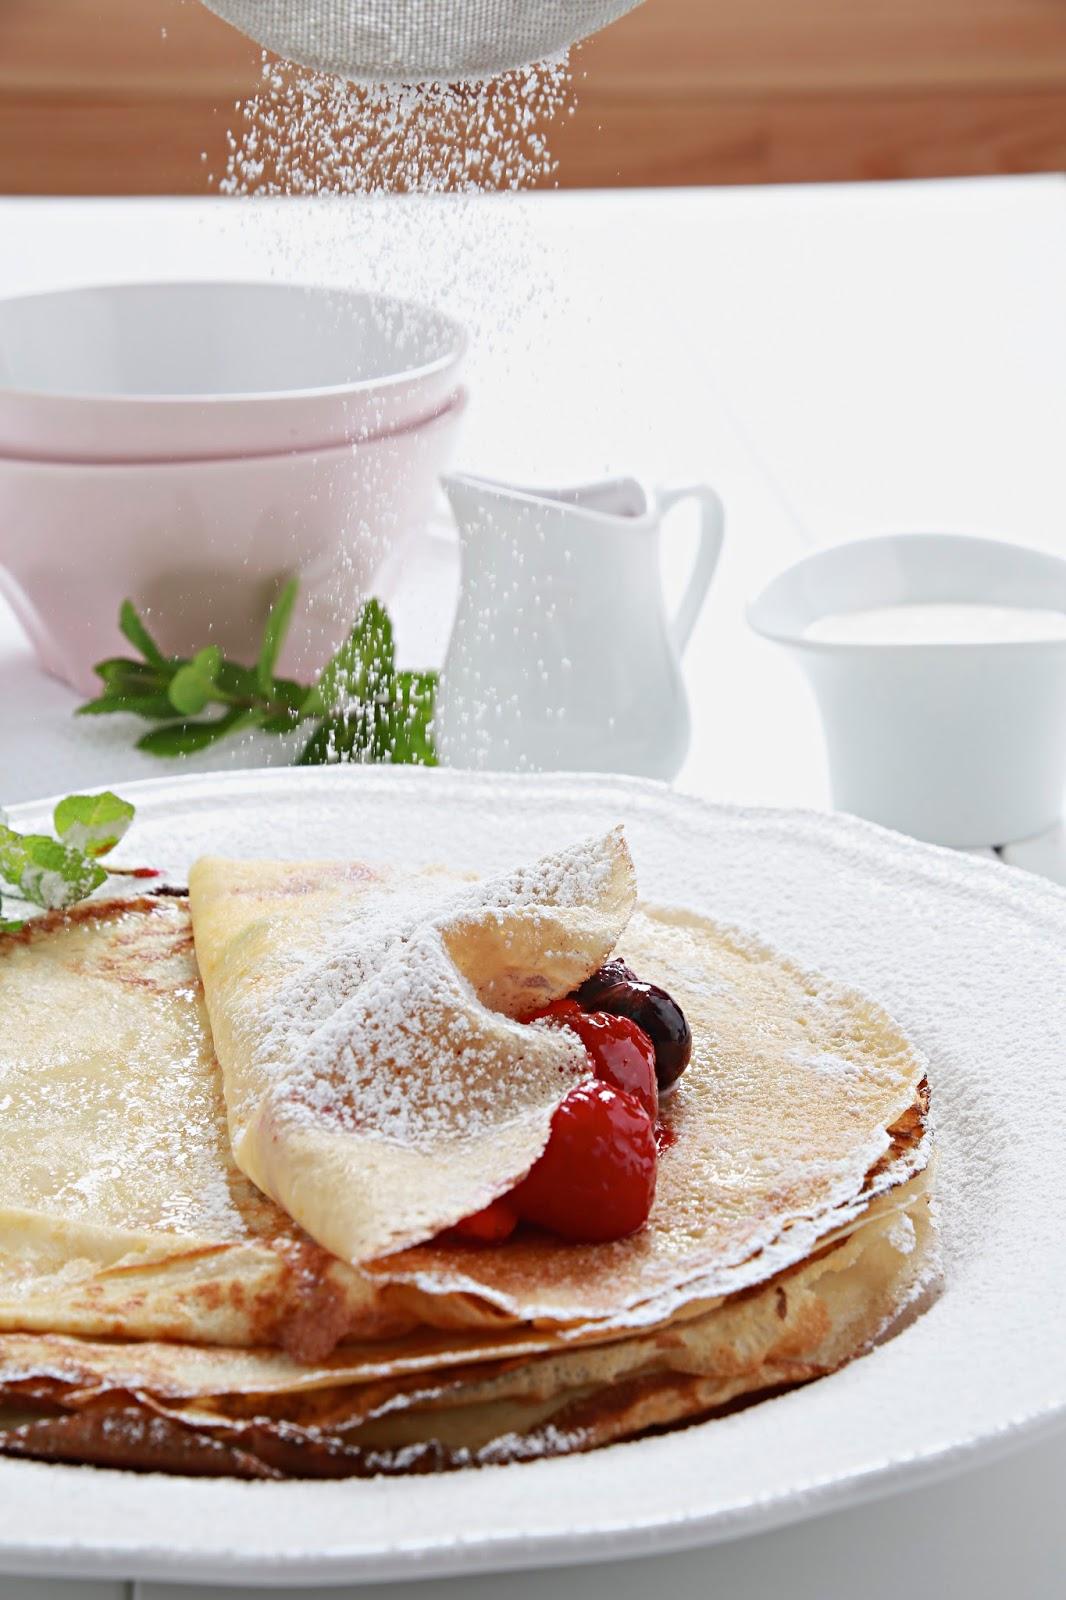 Pancakes dating